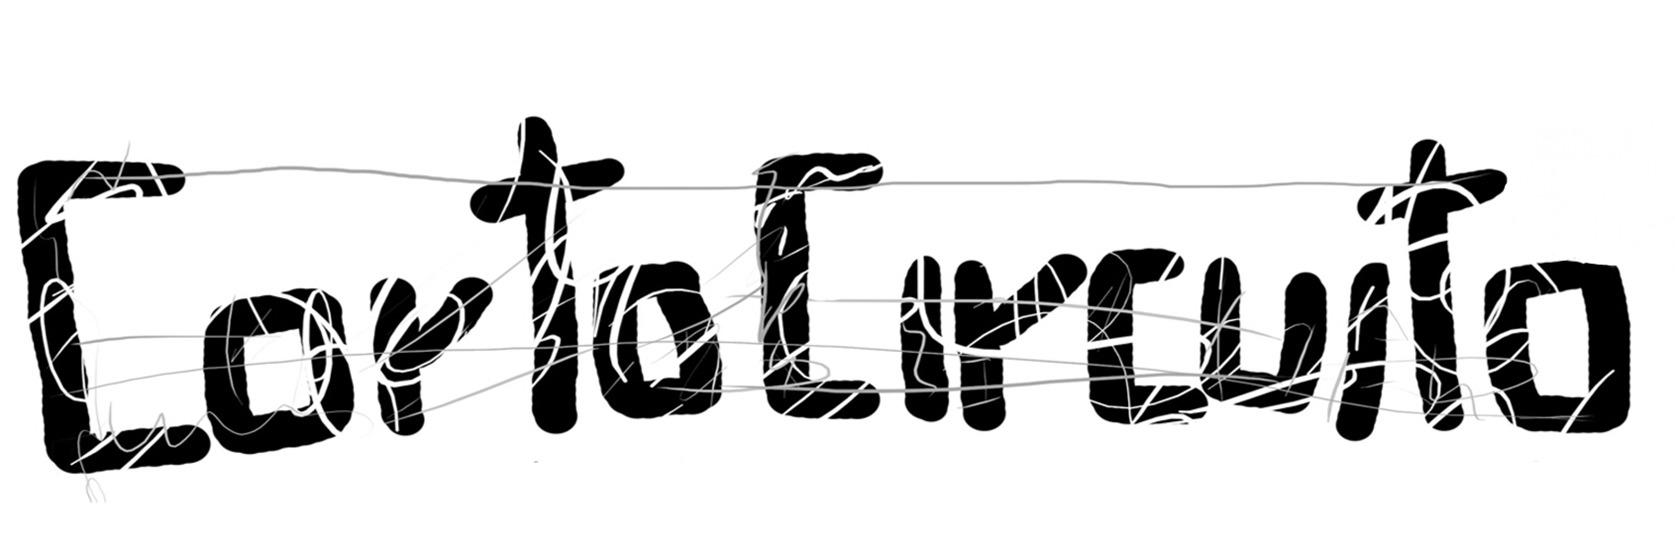 logo cortocircuito associazione 2015 ok